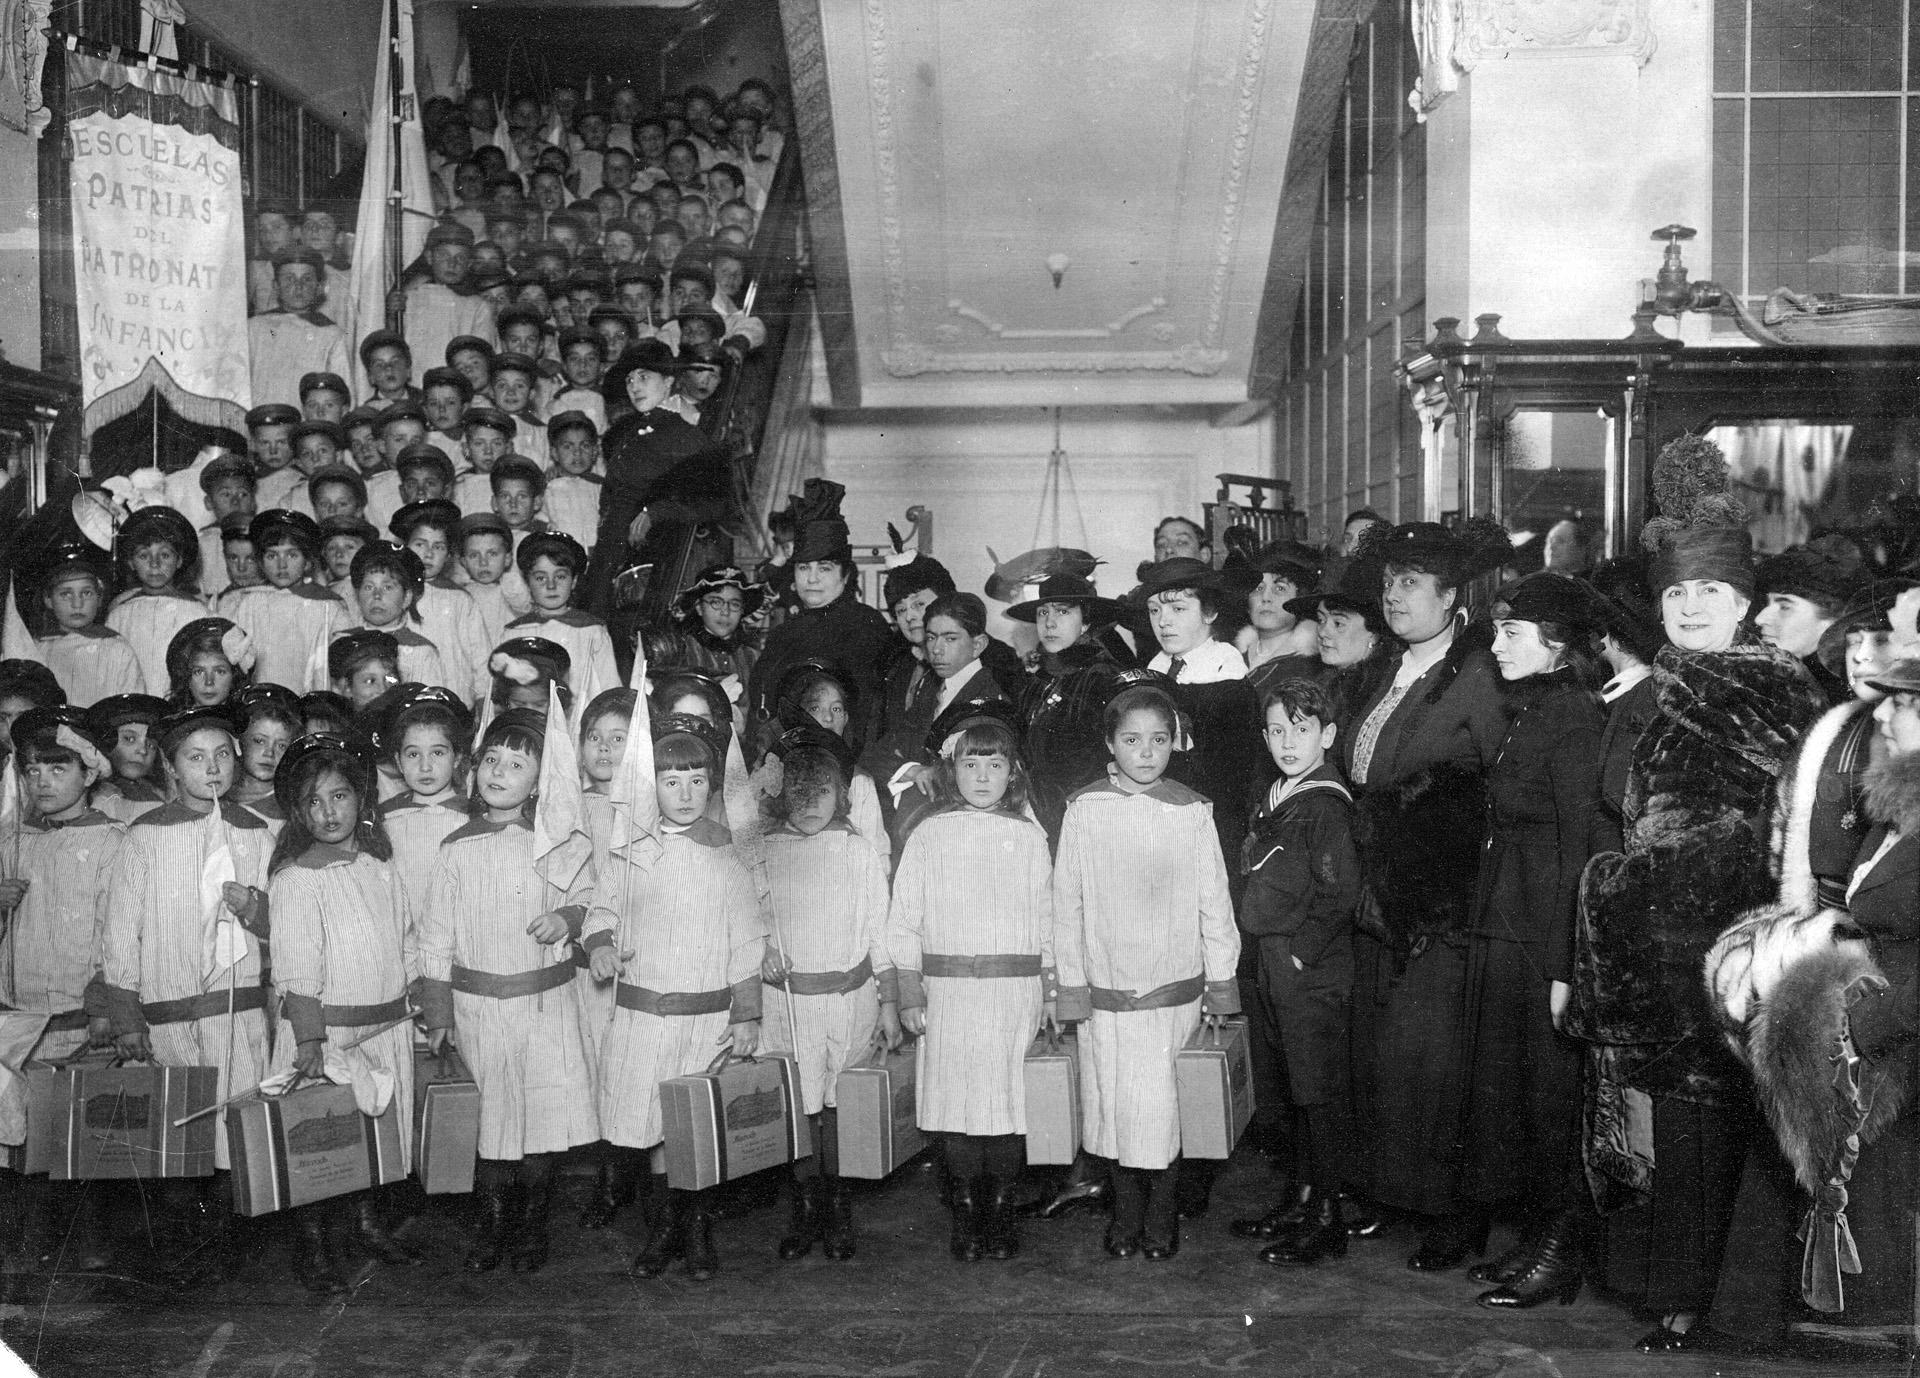 Reparto de ropas a los niños del Patronato de la Infancia por parte dela Casa Harrods.